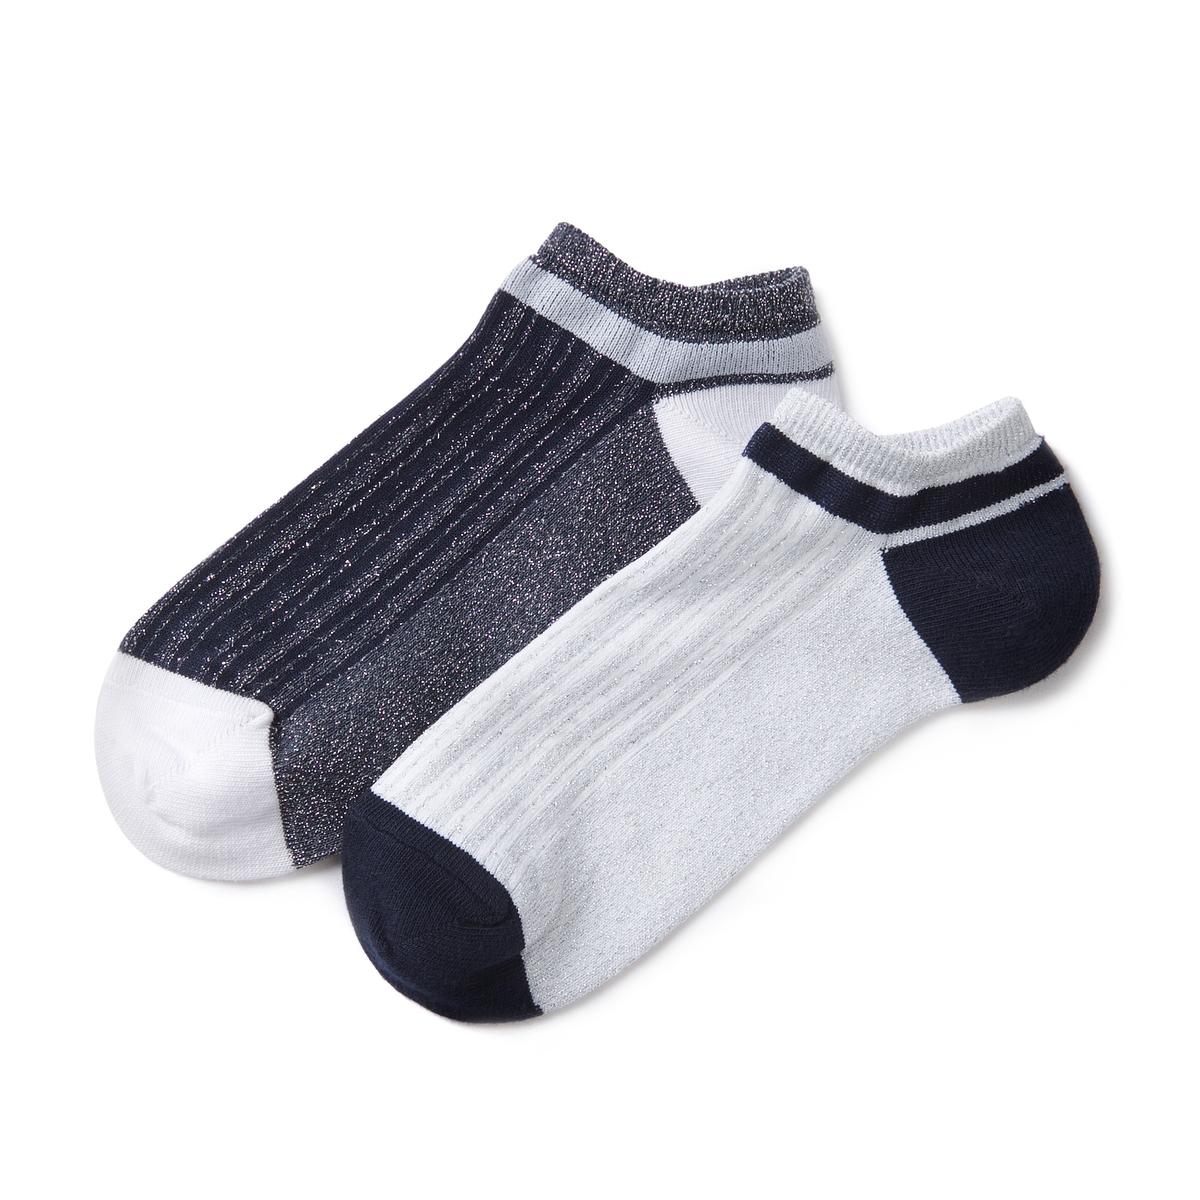 Комплект из 2 пар носковКомплект из 2 пар двухцветных носков с блестящим эффектом . Детали •  5 пар двухцветных носков с блестящим эффектом .Состав и уход • 76% хлопка, 23% полиамида, 1% эластана   • Машинная стирка при 30°, на умеренном режиме     • Стирать с вещами подобного цвета<br><br>Цвет: темно-синий/ белый<br>Размер: 35/37.38/41